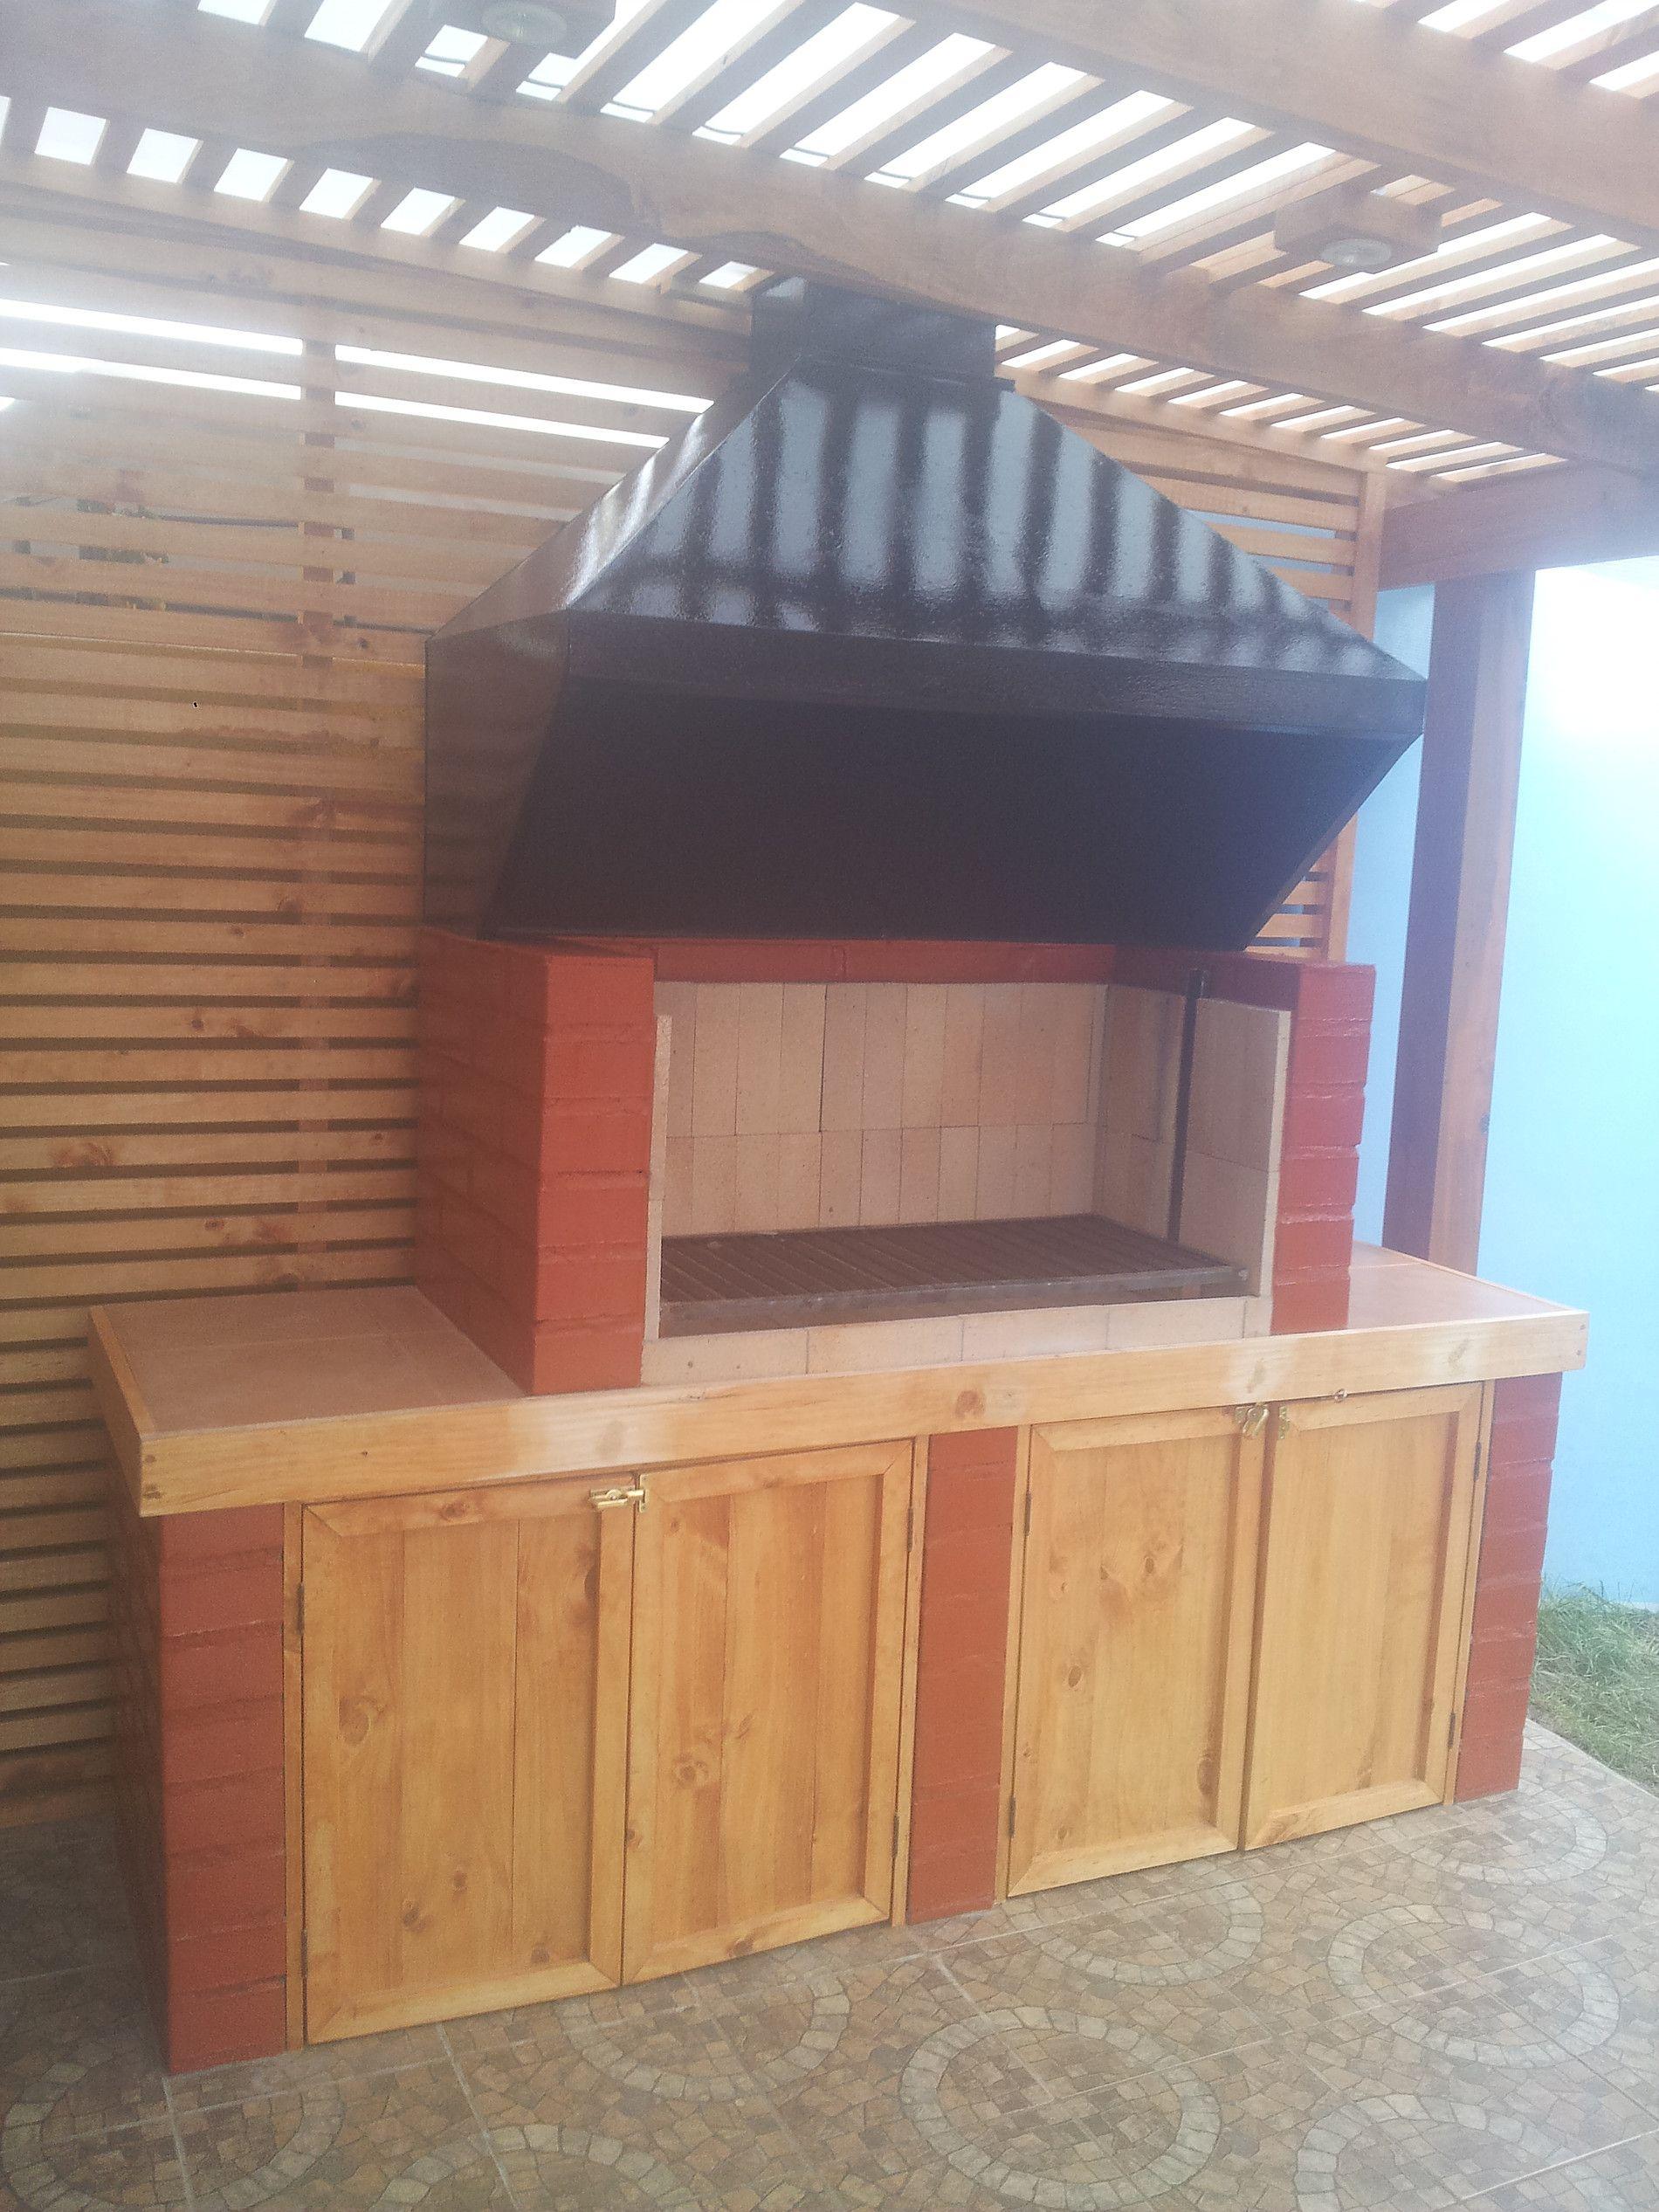 Rems ofrece construcciones en madera cobertizos - Terrazas de madera ...